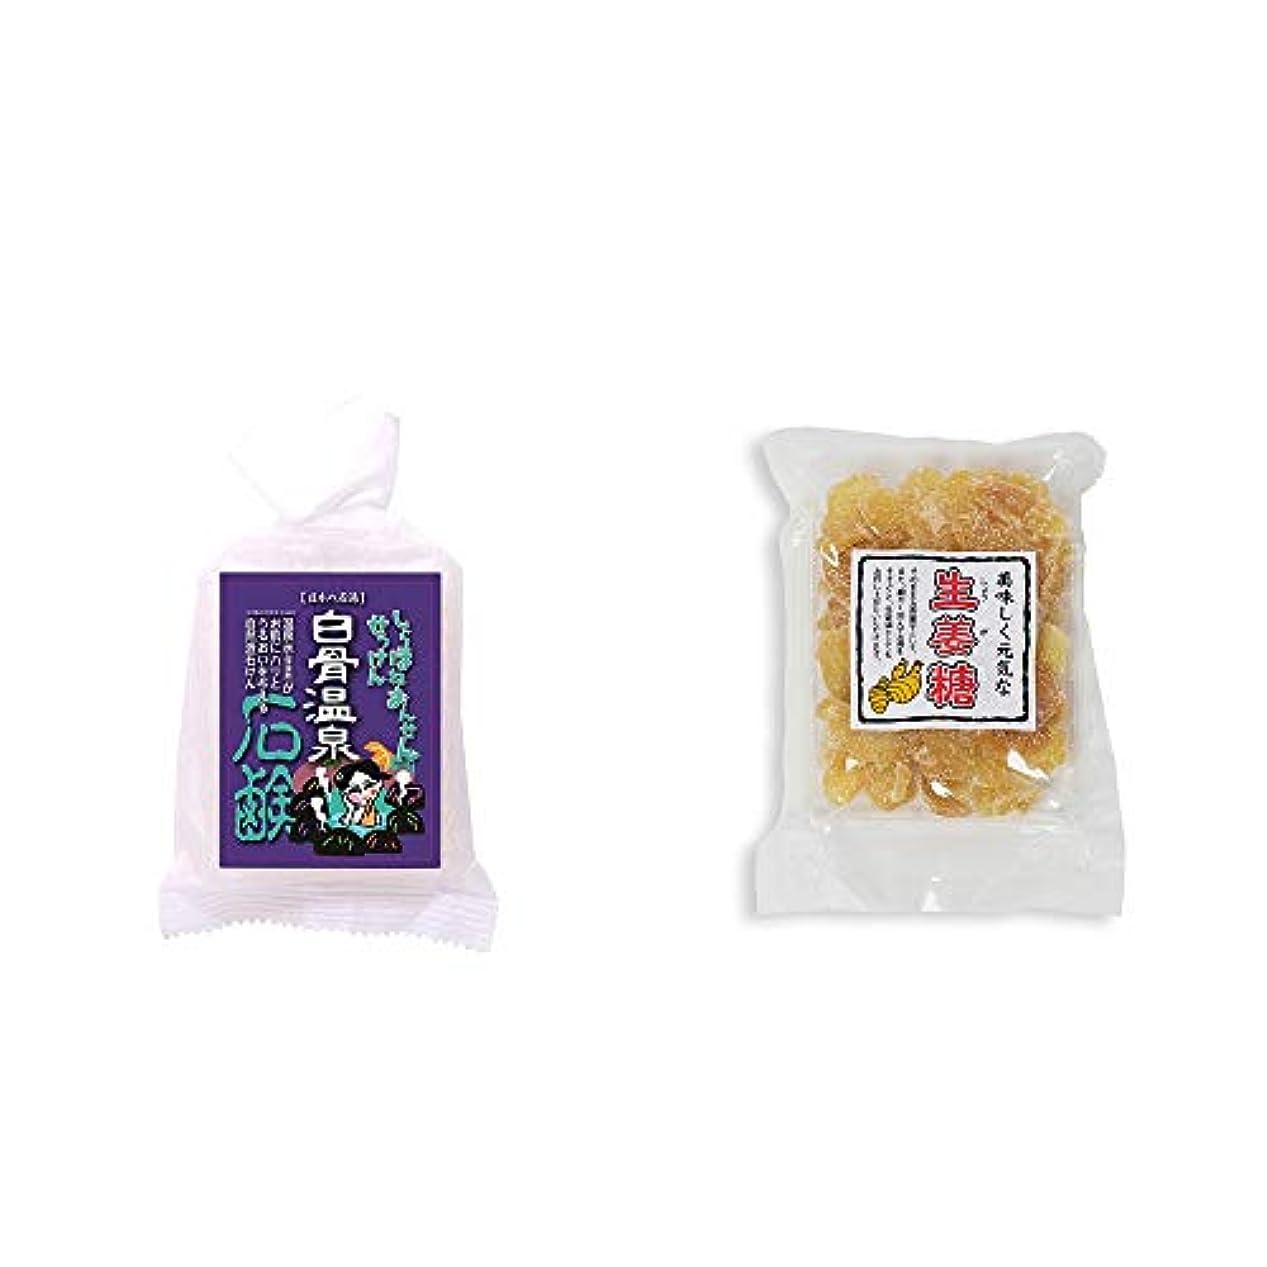 コーナー開発する経験[2点セット] 信州 白骨温泉石鹸(80g)?生姜糖(230g)